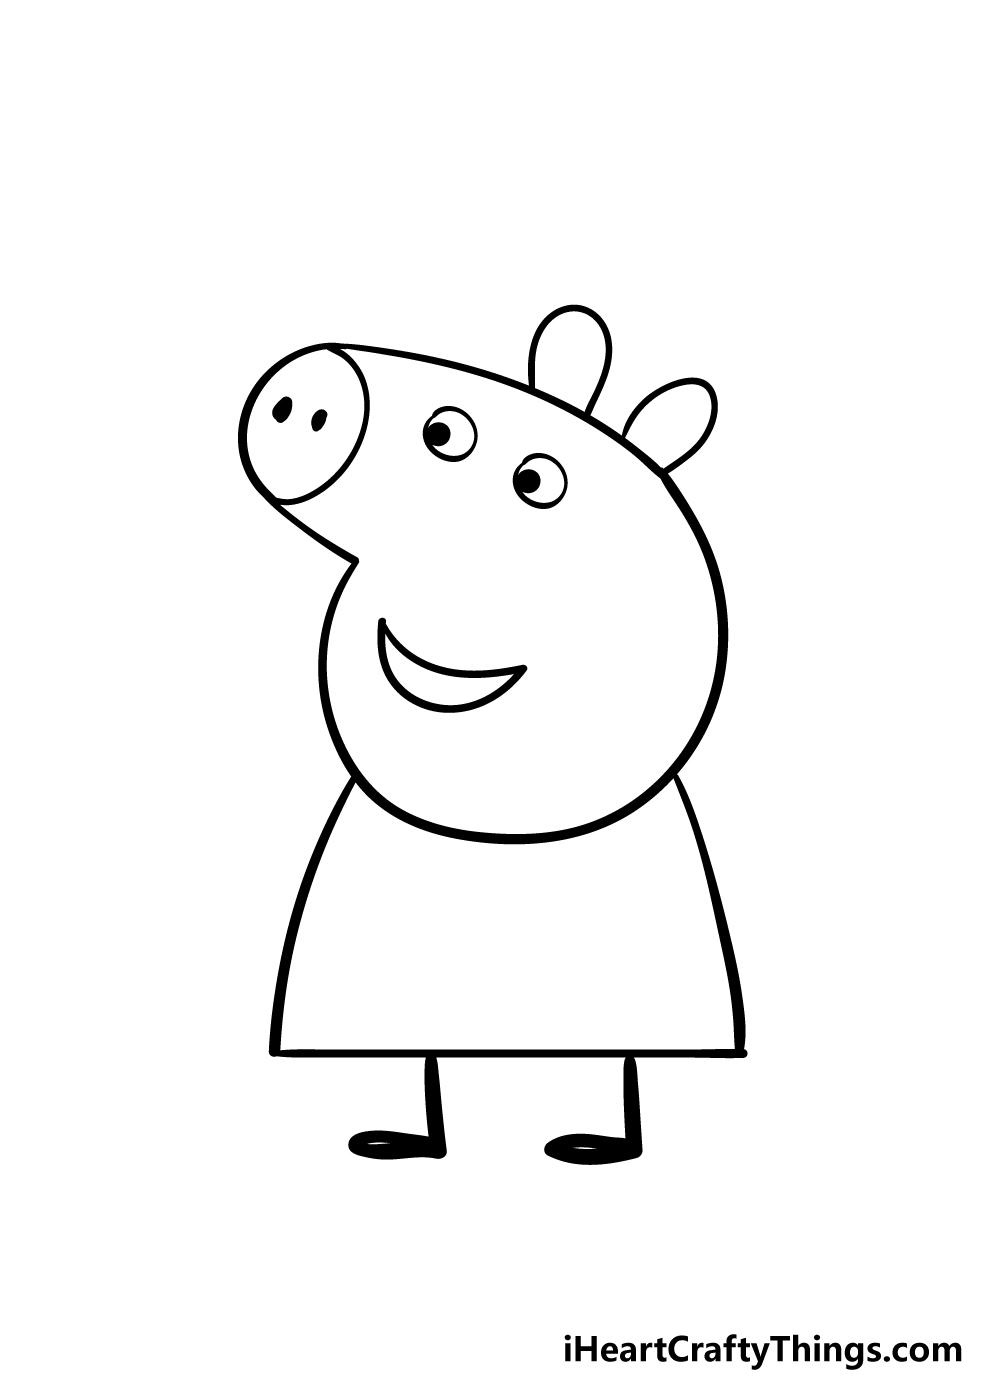 peppa pig drawing step 5